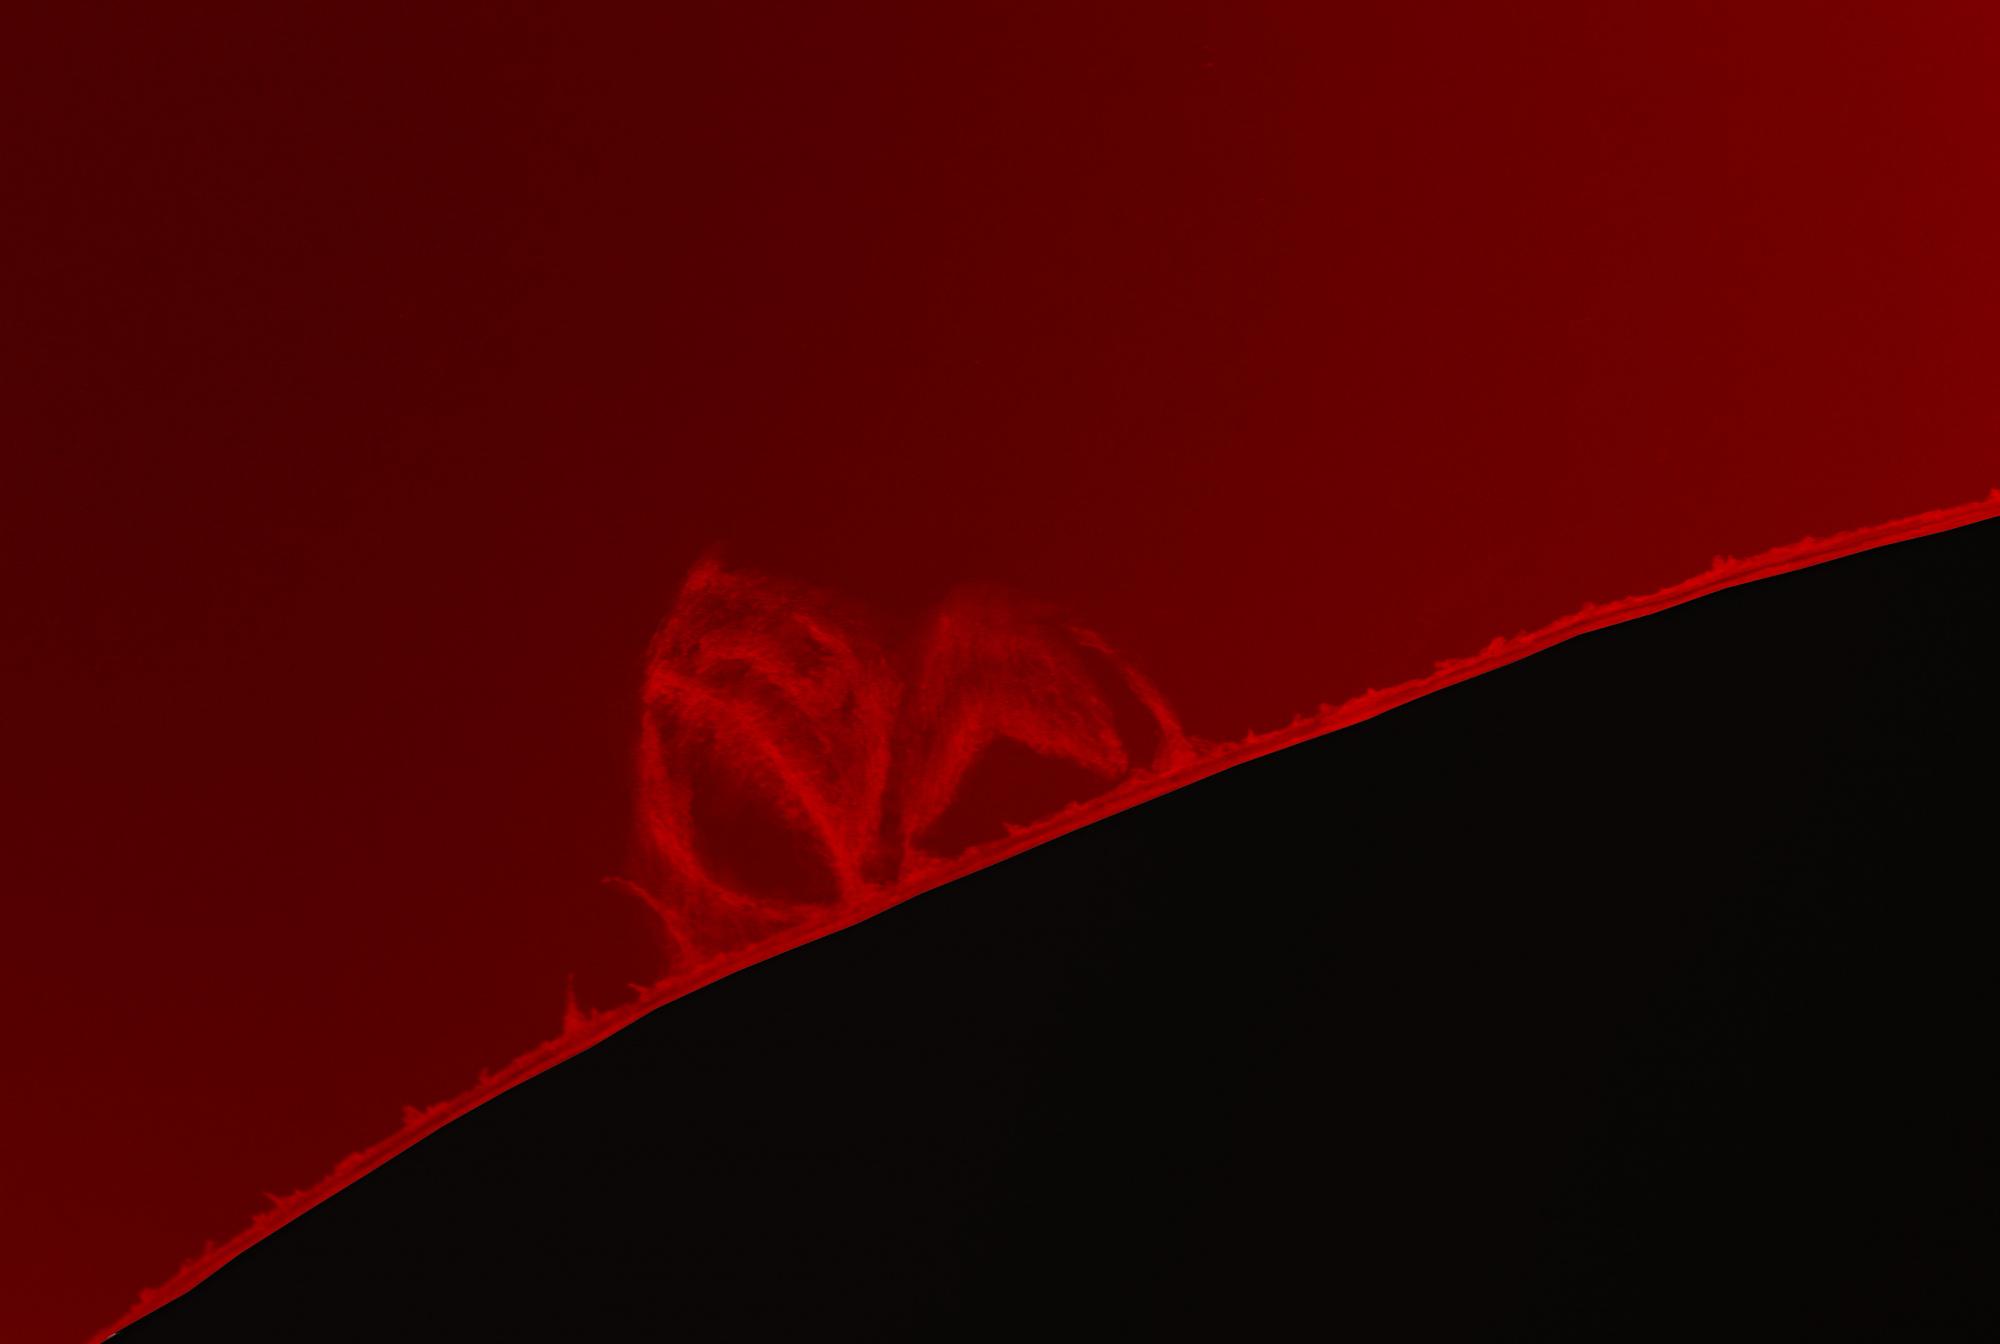 Soleil 22011 2020 n1.jpg